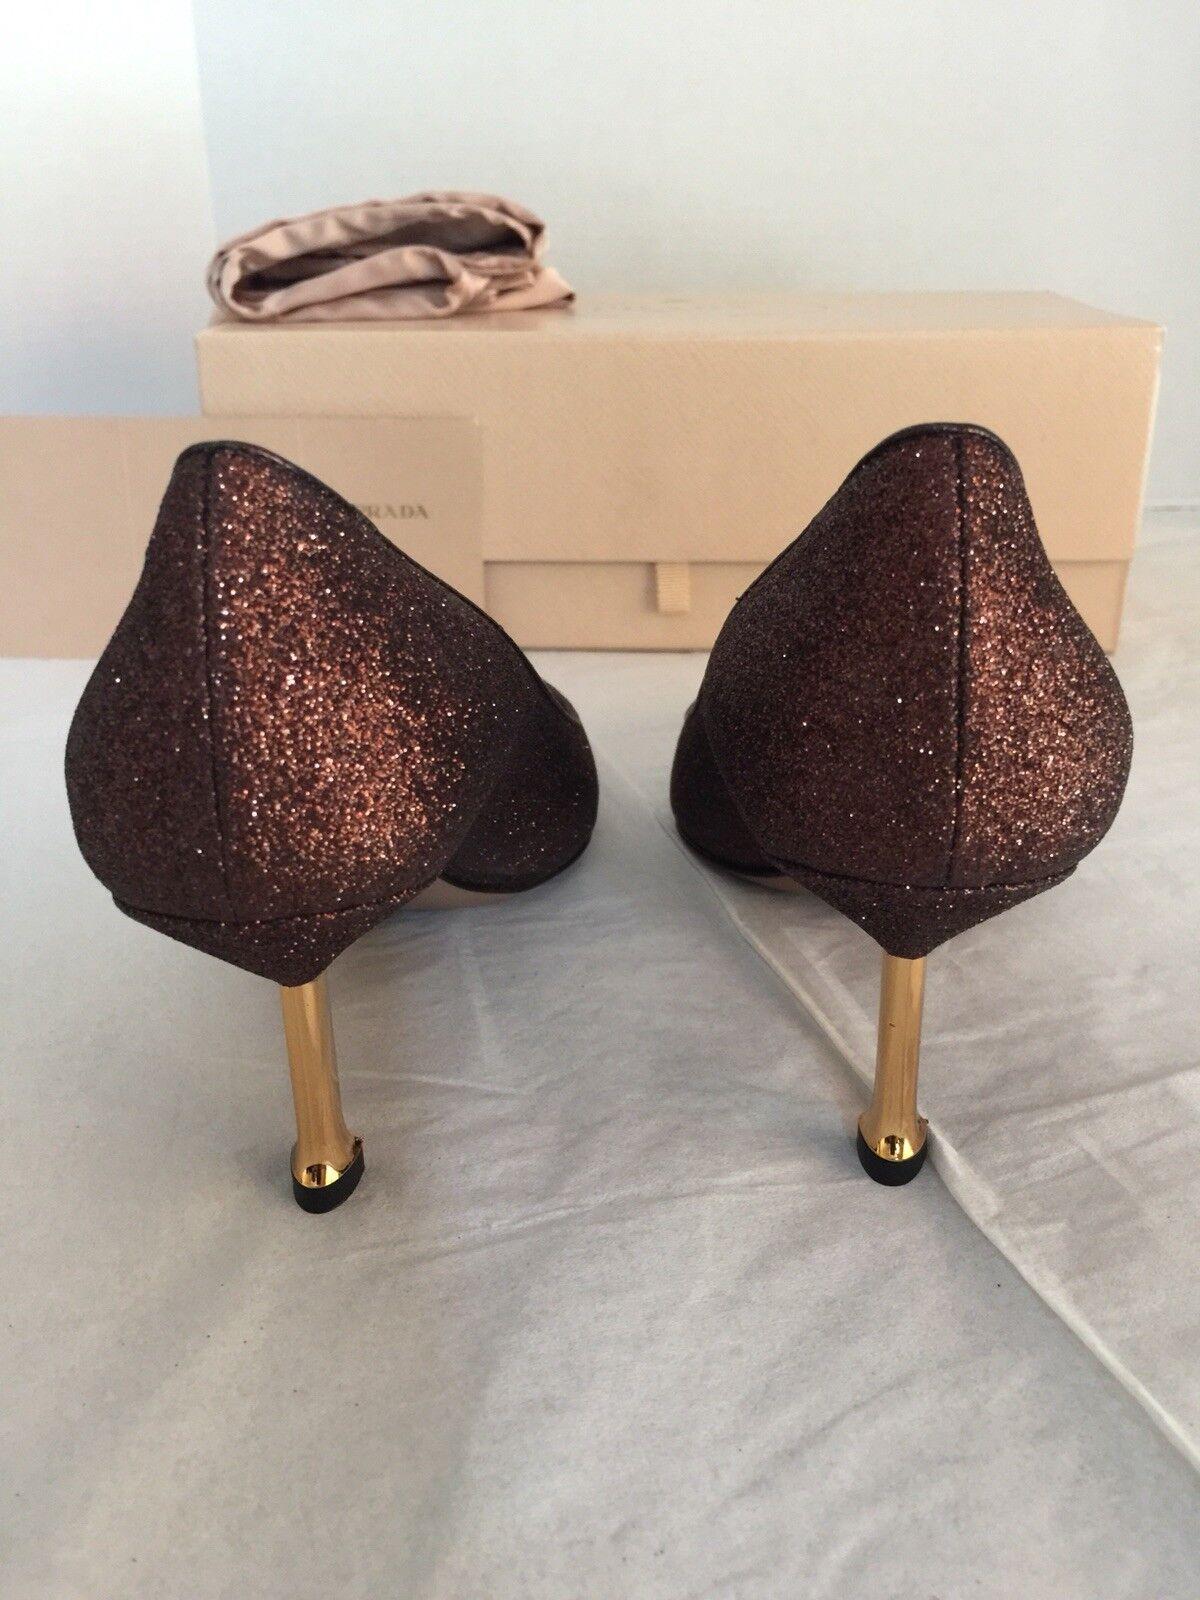 Prada damen damen damen Glitterot Leather Heels, braun, 34.5 f4e1aa